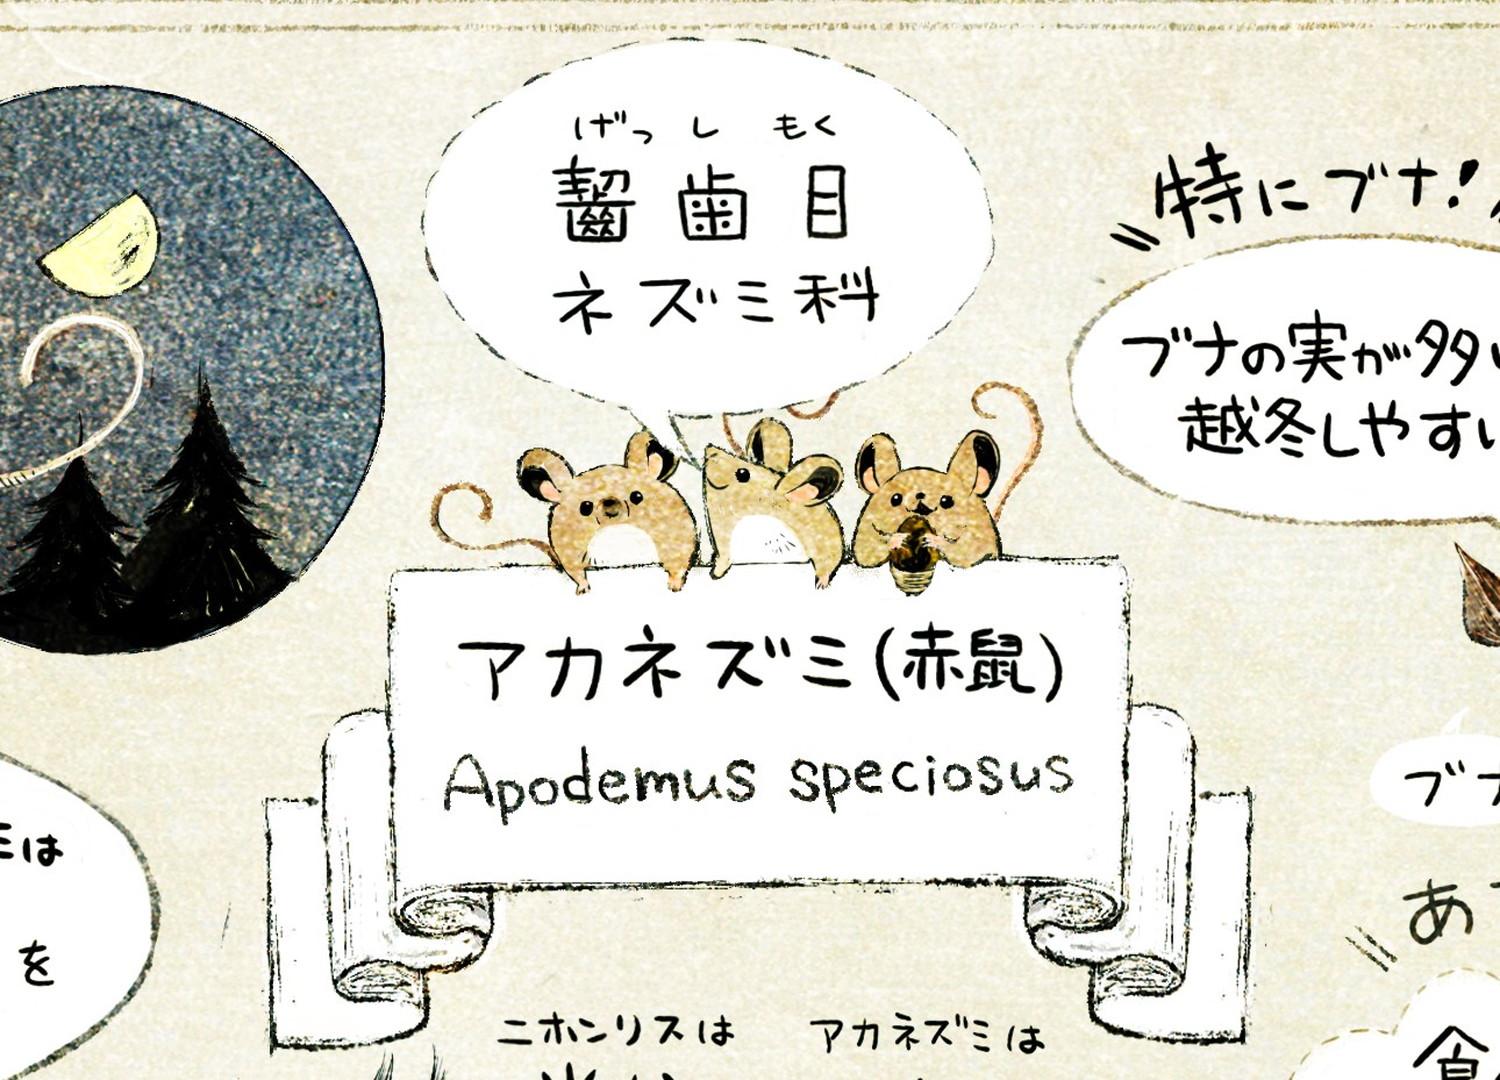 アカネズミ(赤鼠) 齧歯目ネズミ科 Apodemus speciosusの解説イラスト